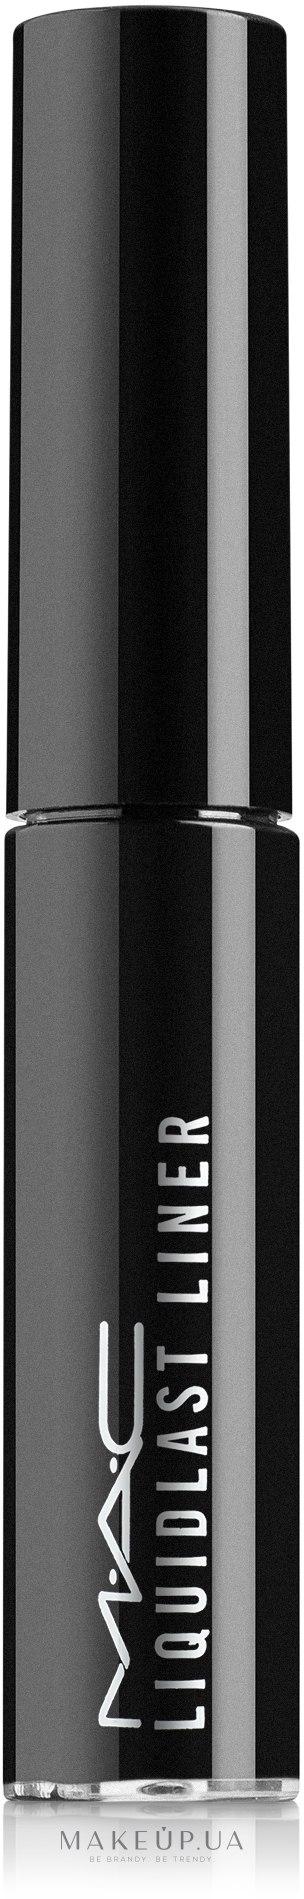 Жидкая подводка для глаз - M.A.C Liquid Last Liner ... - MAKEUP